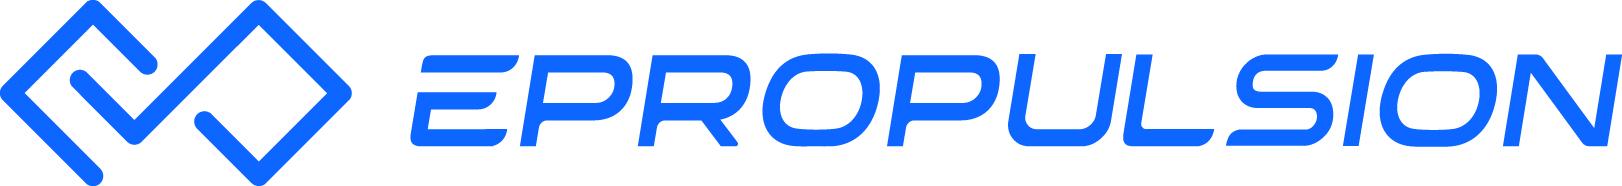 epropulsion-logo2.jpg